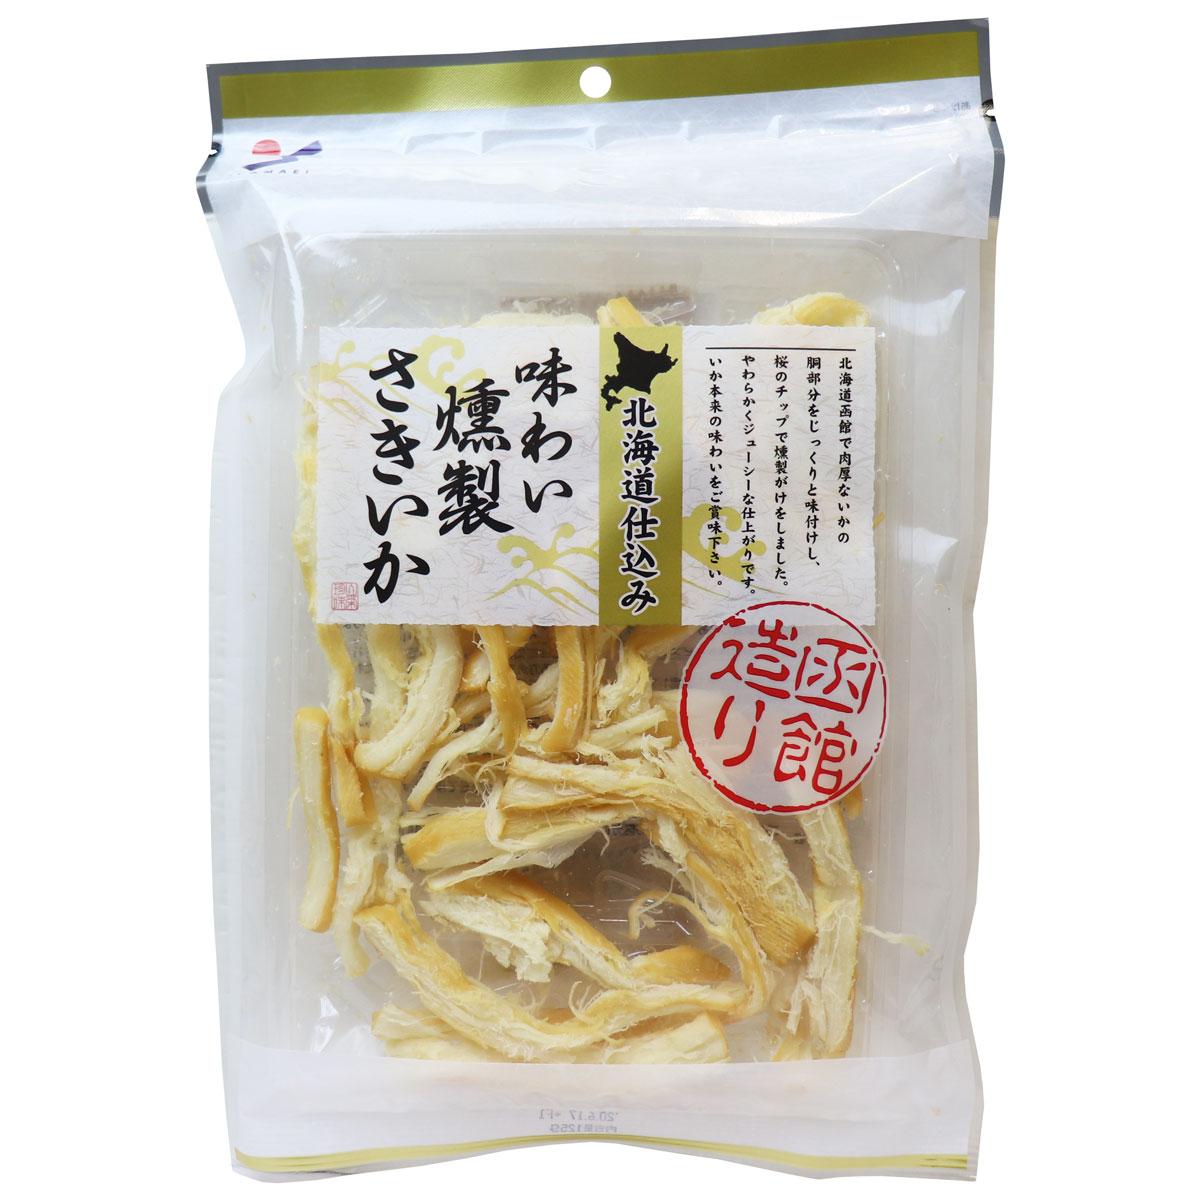 ※北海道仕込み 味わい 燻製さきいか 125g